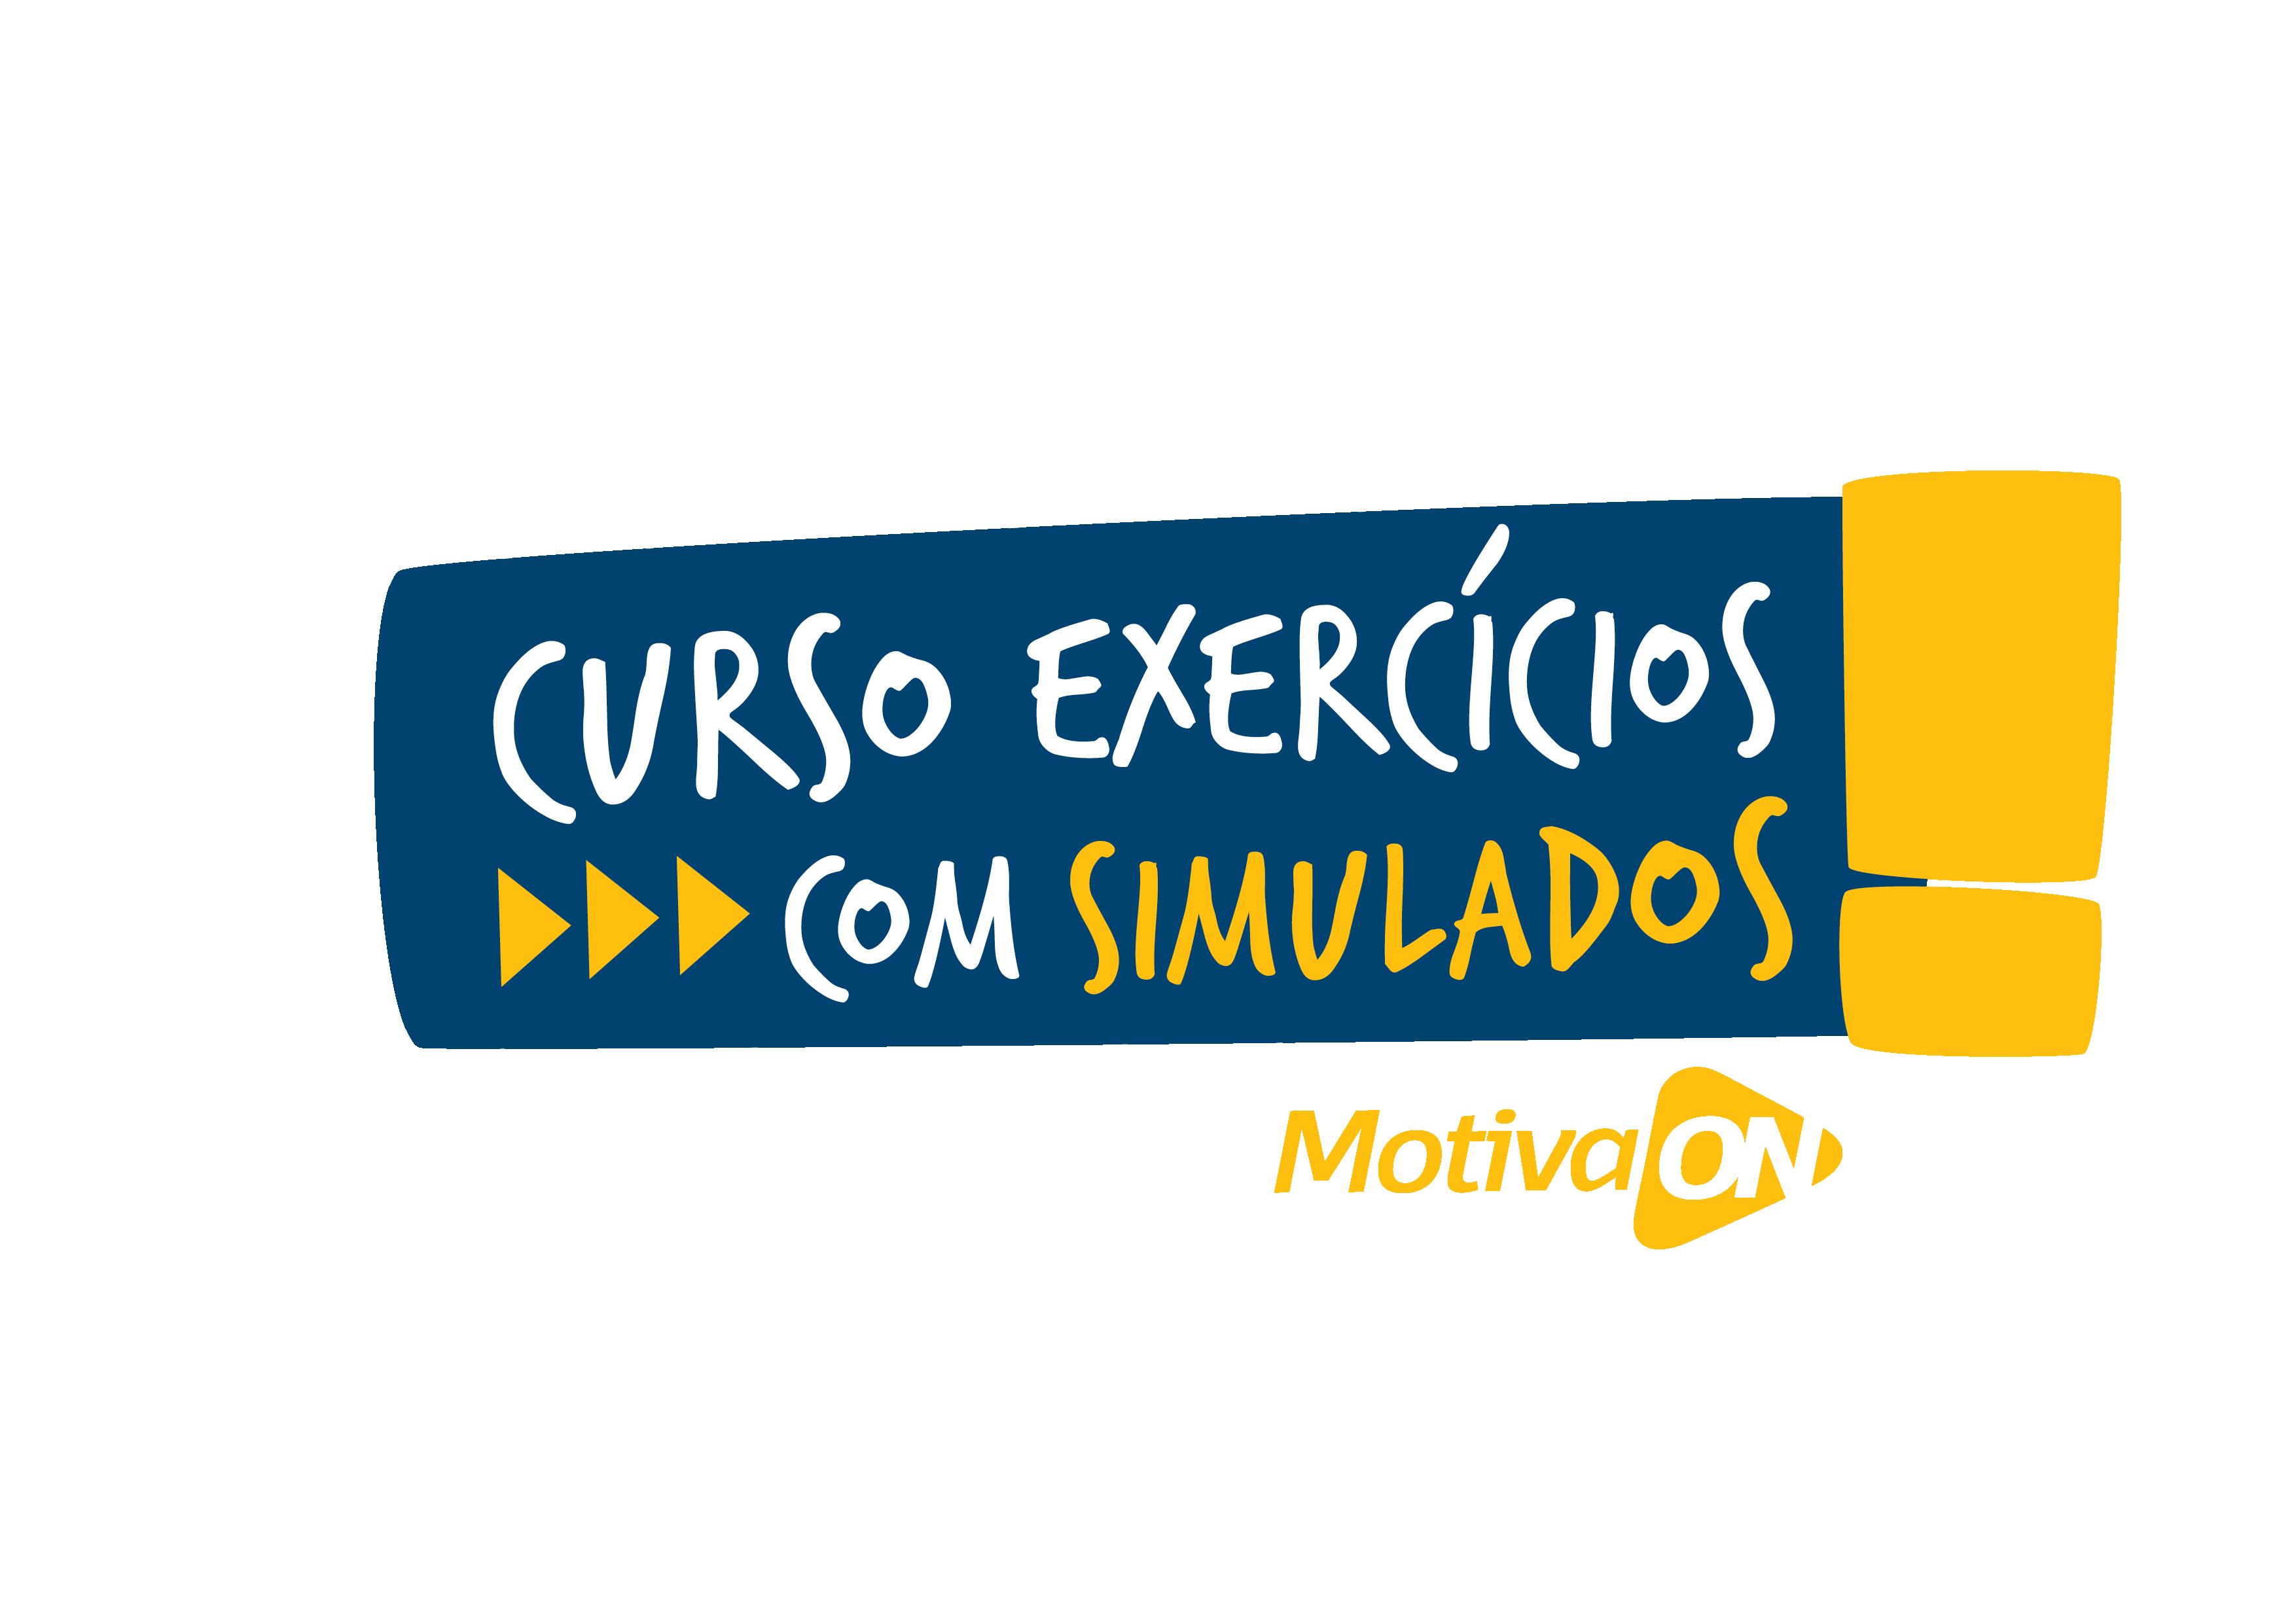 Exercicos